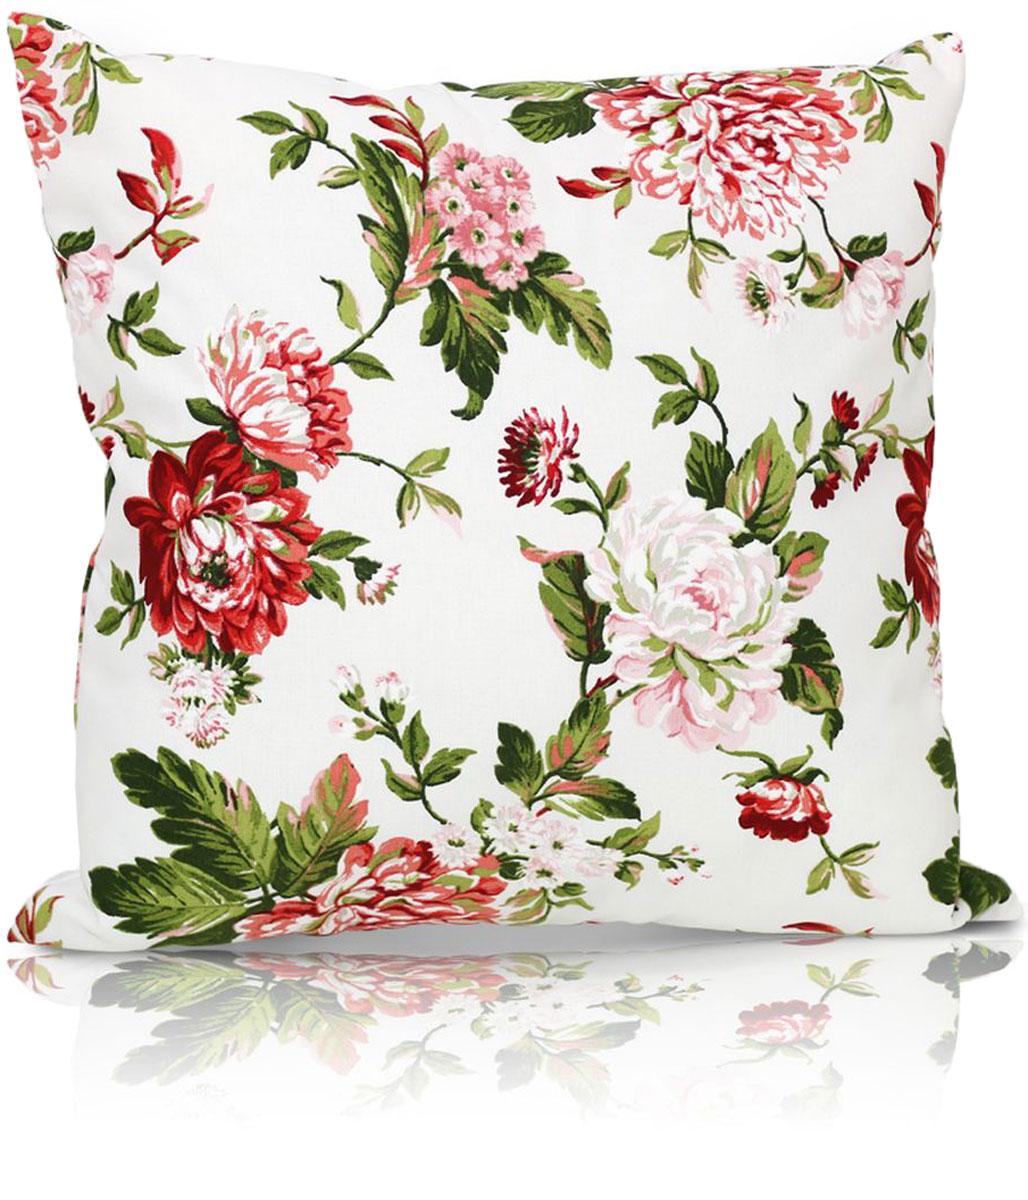 """Декоративная подушка """"Лилу"""" прекрасно дополнит интерьер спальни или гостиной. Чехол  подушки выполнен из 50% хлопка и 50% полиэстера. Внутри находится мягкий наполнитель.  Чехол легко снимается  благодаря потайной молнии."""